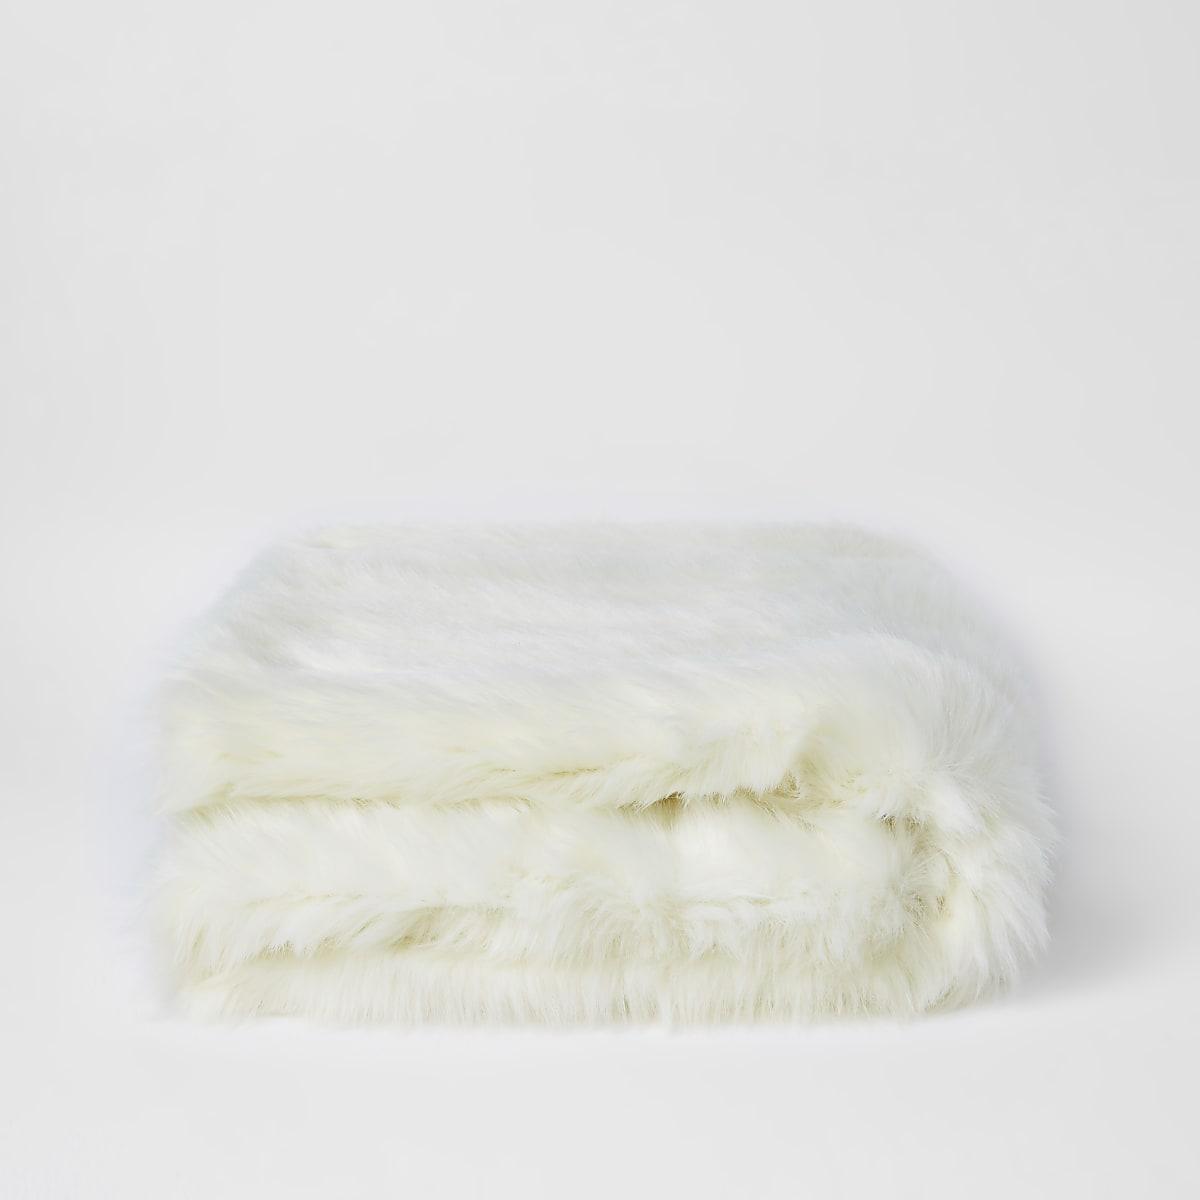 Crème sprei met imitatiebont en goudkleurige folie aan de achterkant